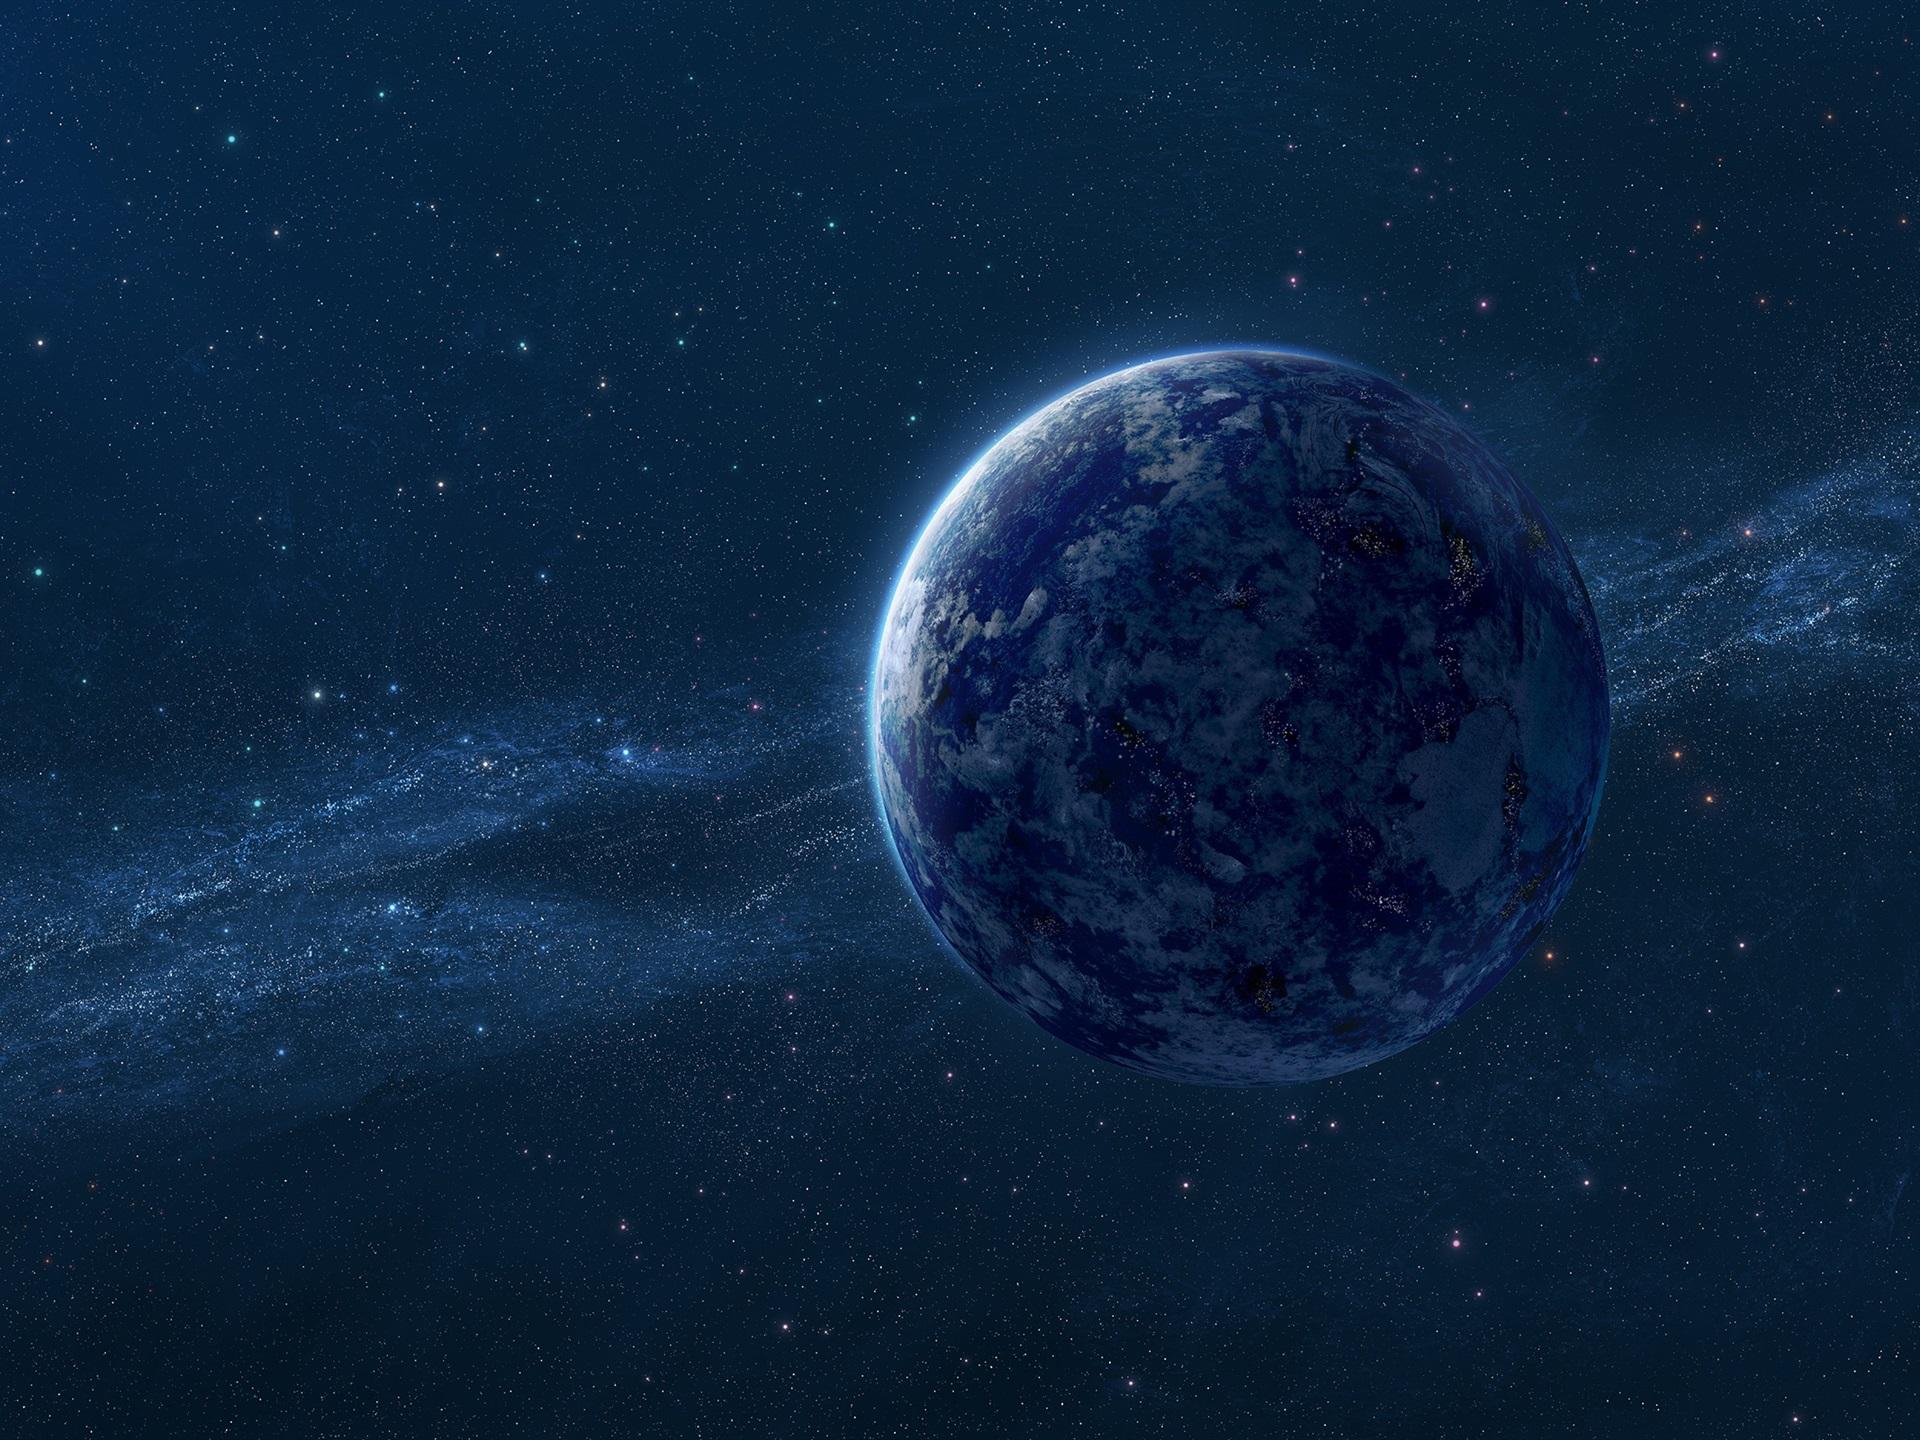 壁紙 ブルー アース 天の川 星 デジタル ユニバース 2560x1600 Hd